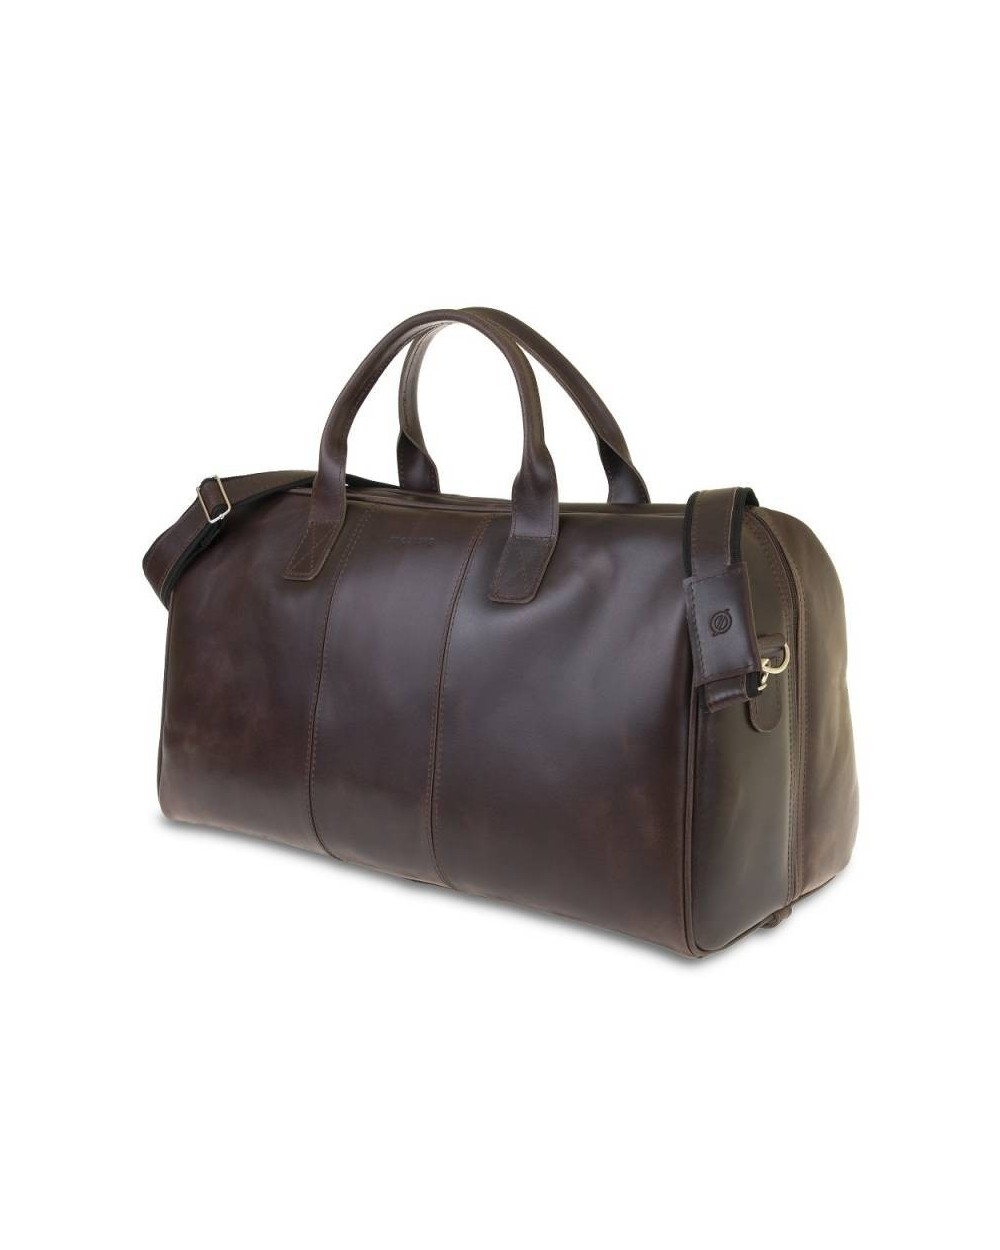 0fd704e7980a4 Podróżna torba ze skóry naturalnej Brodrene ciemny brąz - Dla niego ...